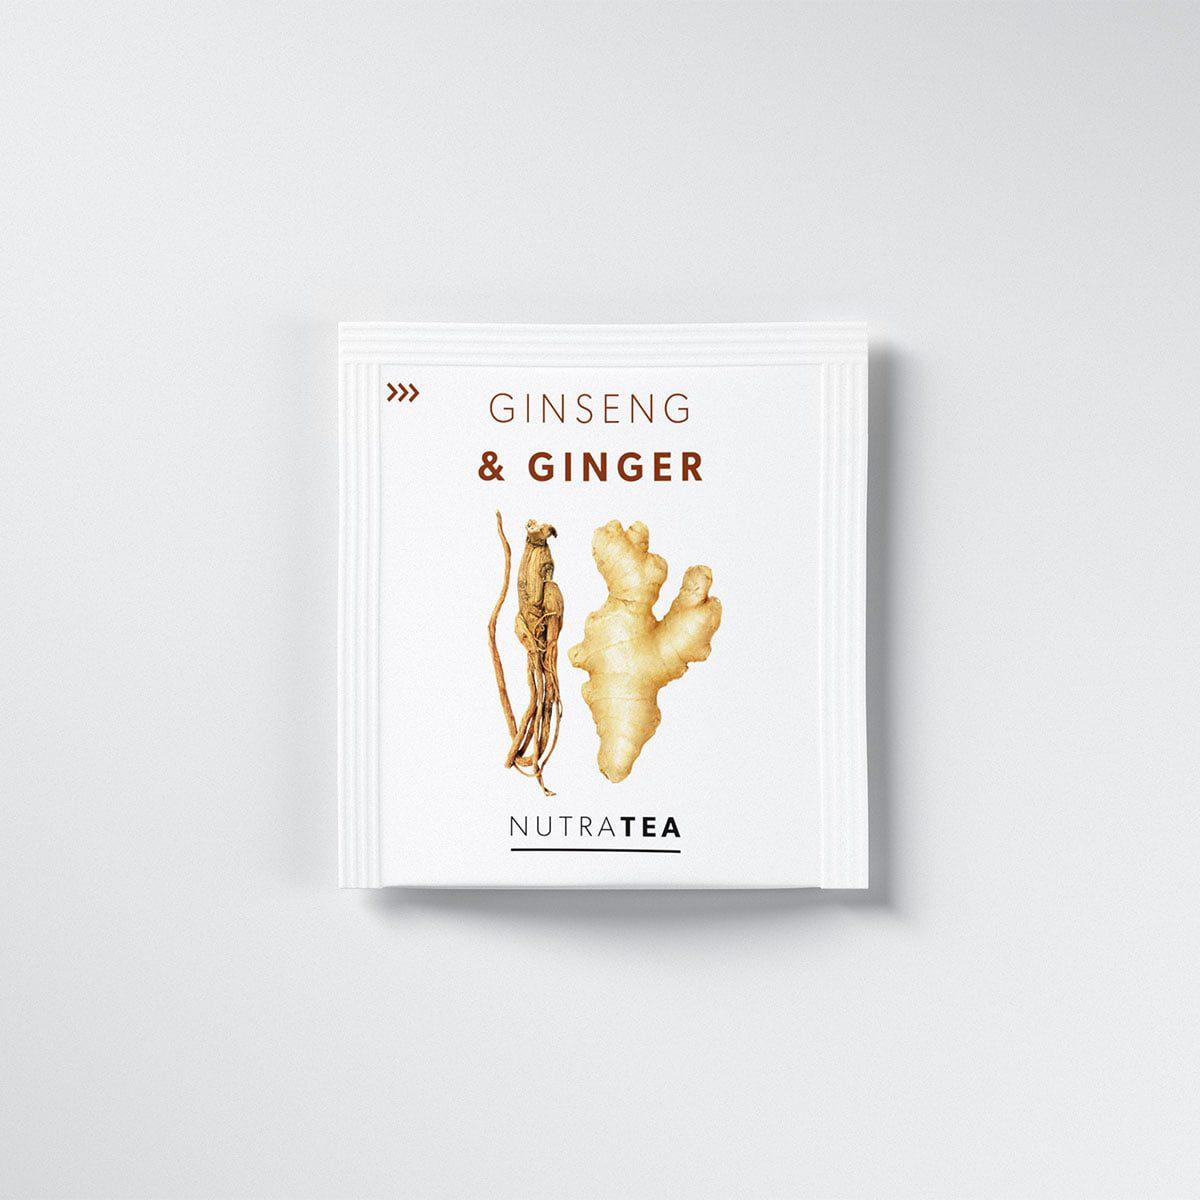 024_Envelope_NT_Ginseng Ginger